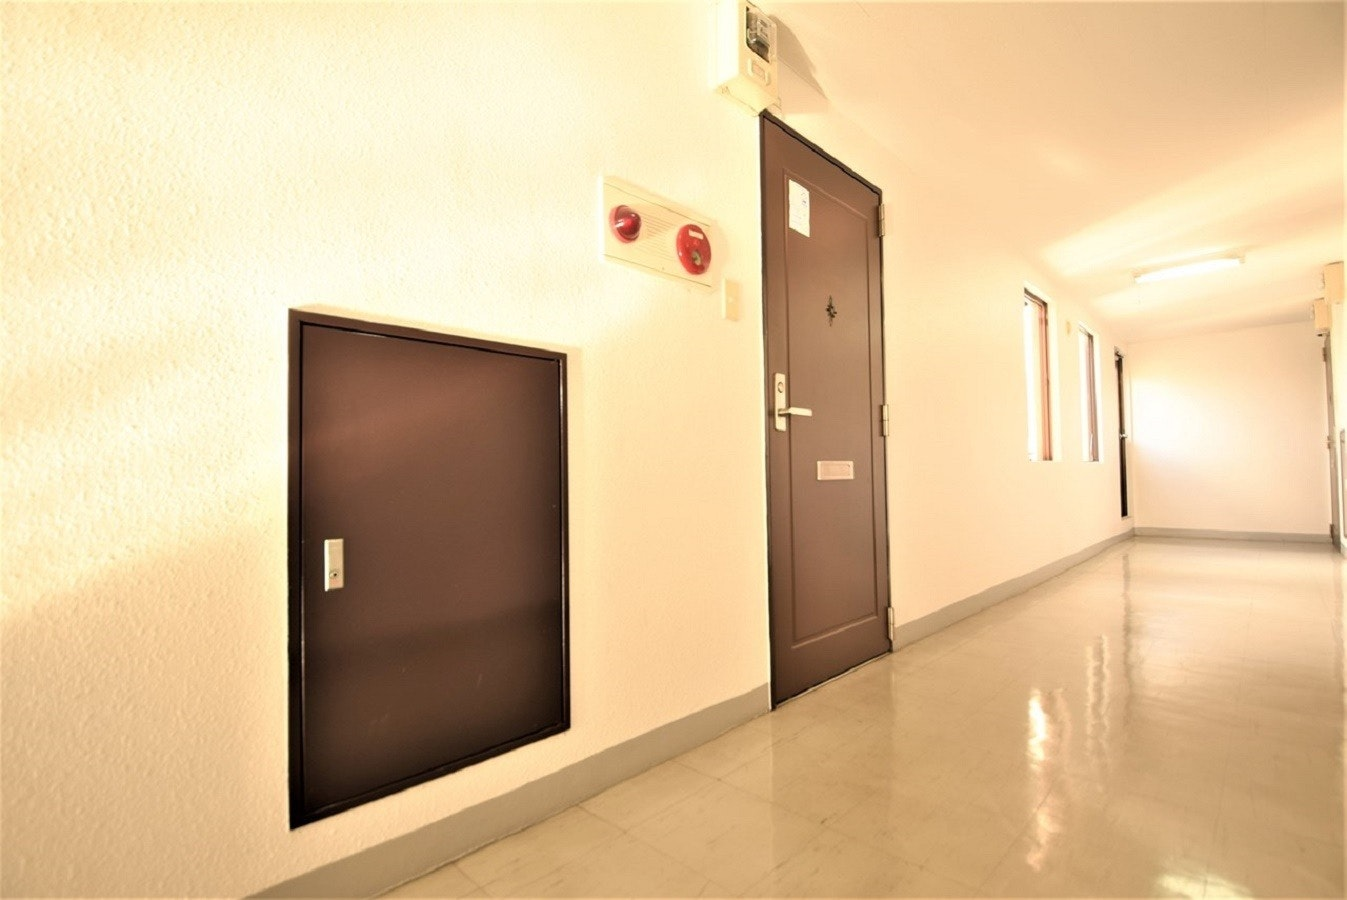 506号室、1DK、ダブルベッド1台、布団1枚。地下鉄東豊線大通駅徒歩5分、JR札幌駅より徒歩10分